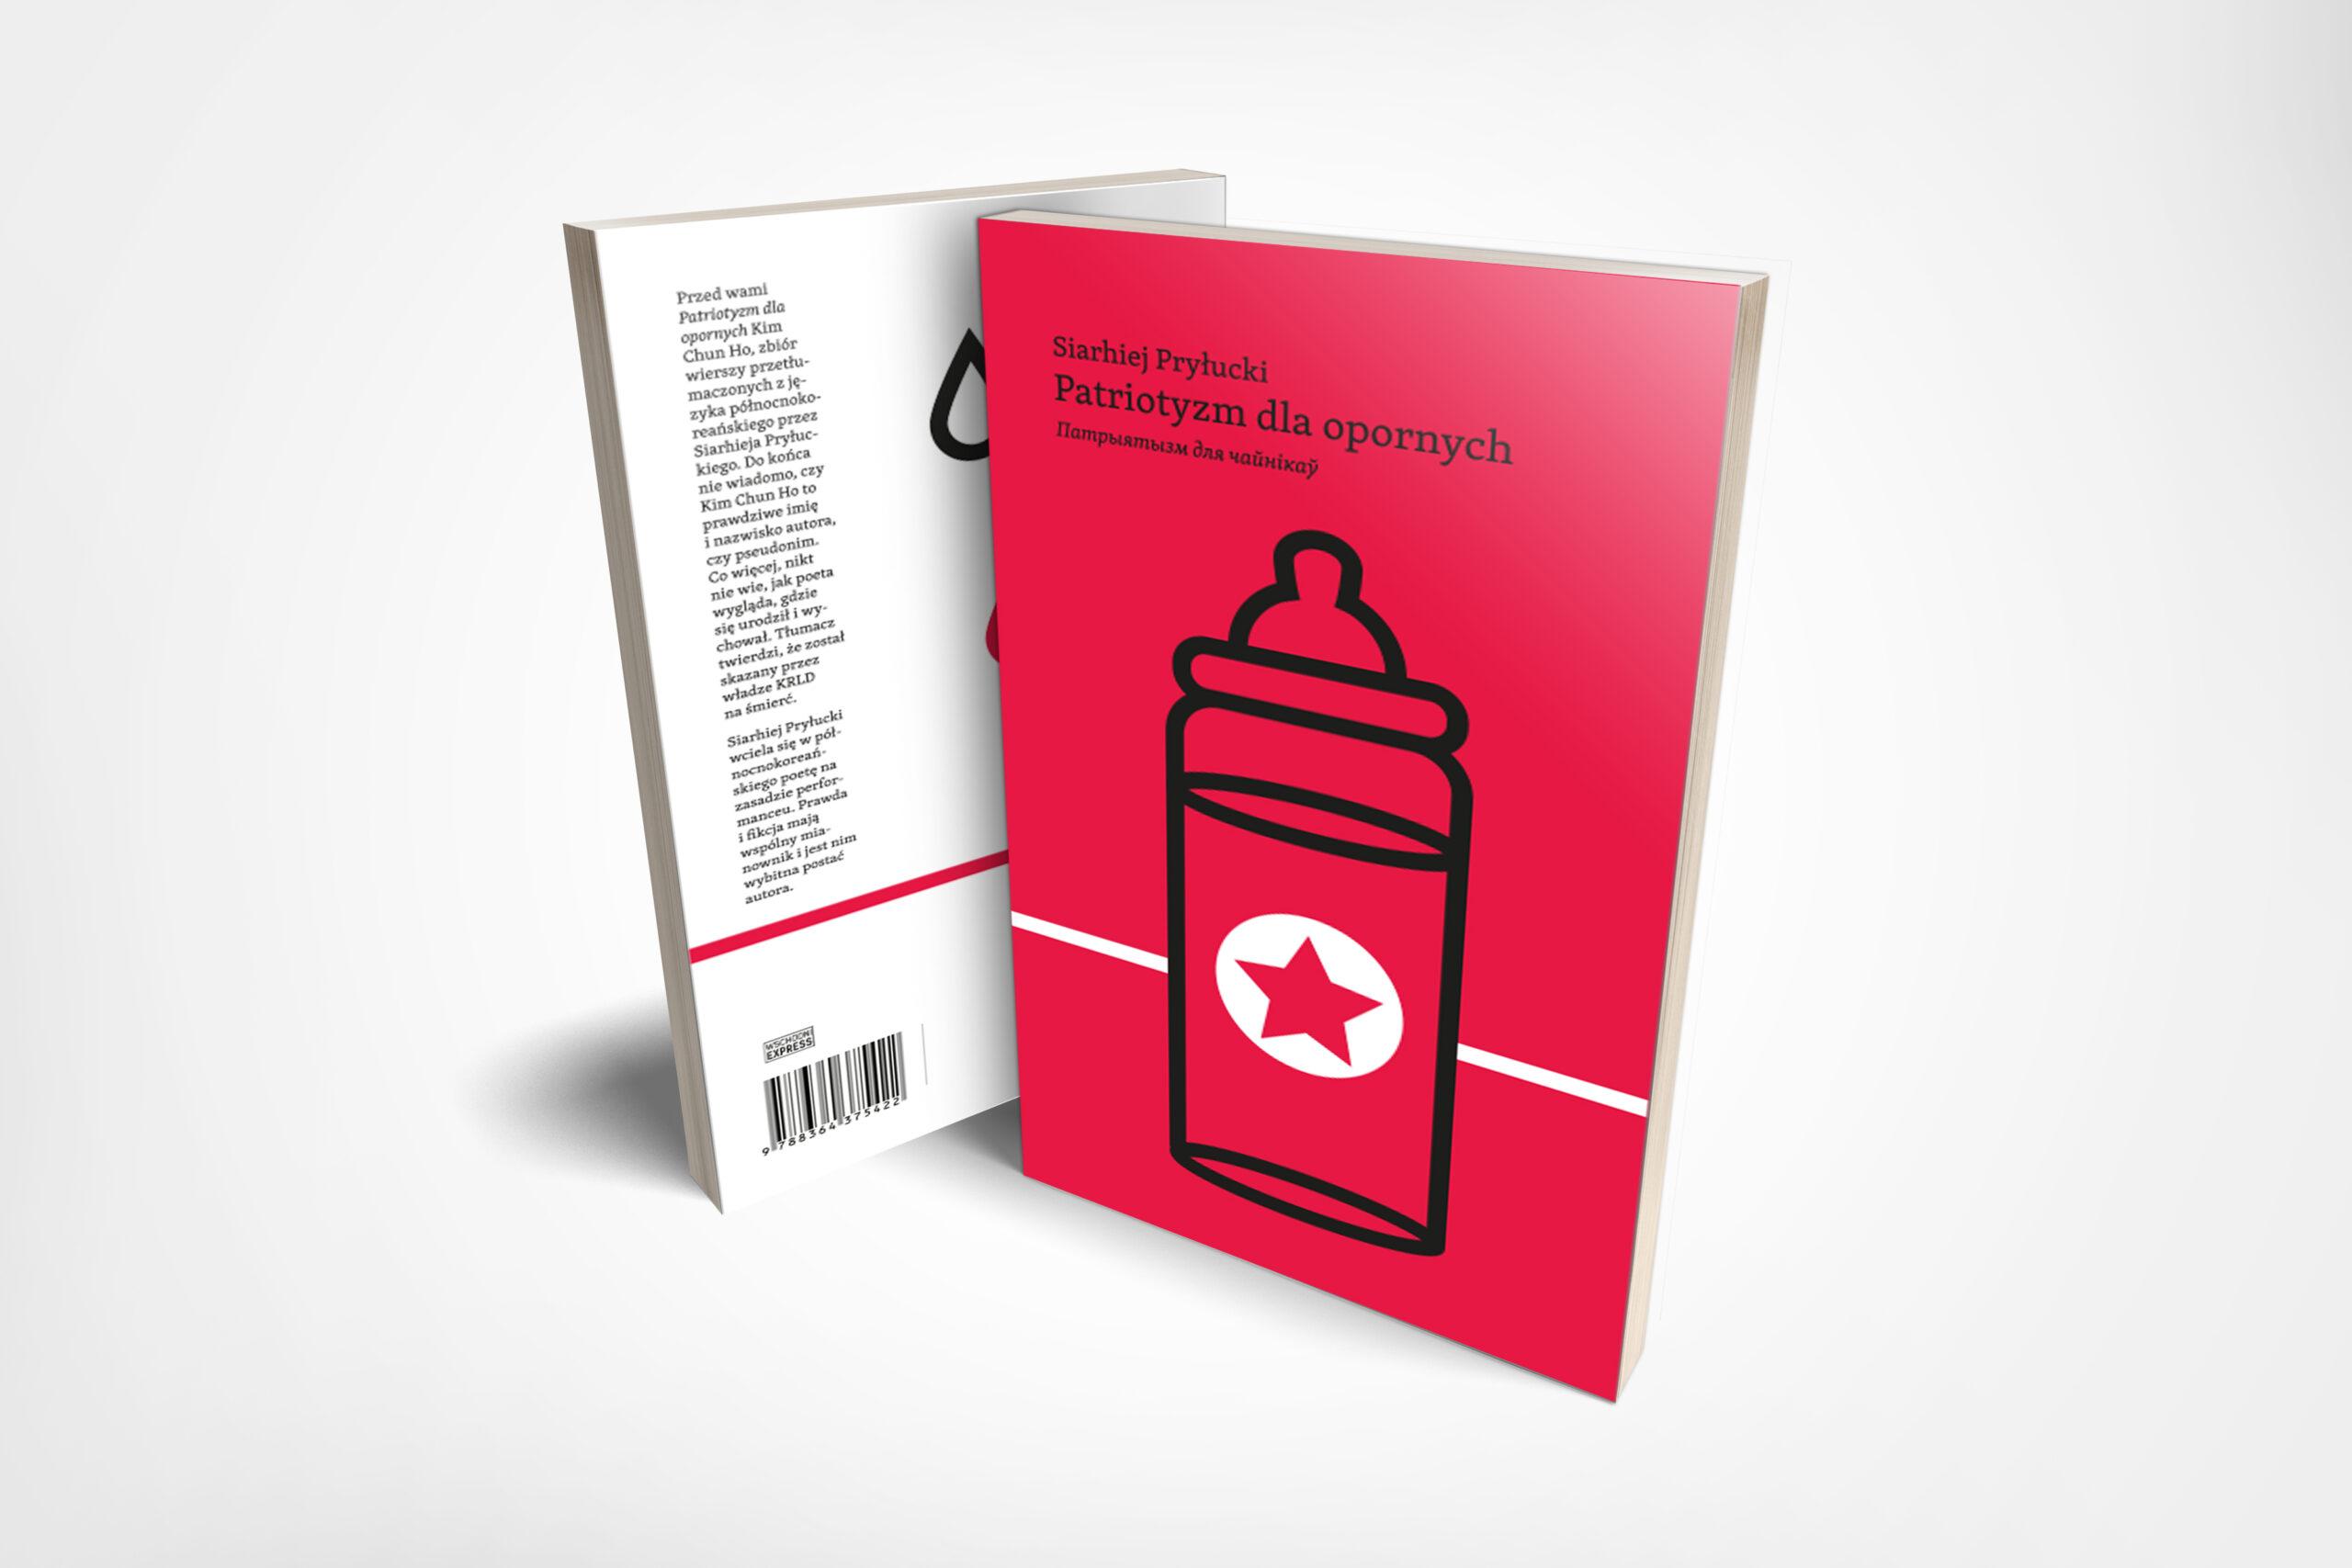 Czerwona okładka książki Patriotyzm dla Opornych przedstawiająca ilustrację wypełnionej płynem butelki dla dziecka. Na środku butelki białe kółko z czerwoną gwiazdą